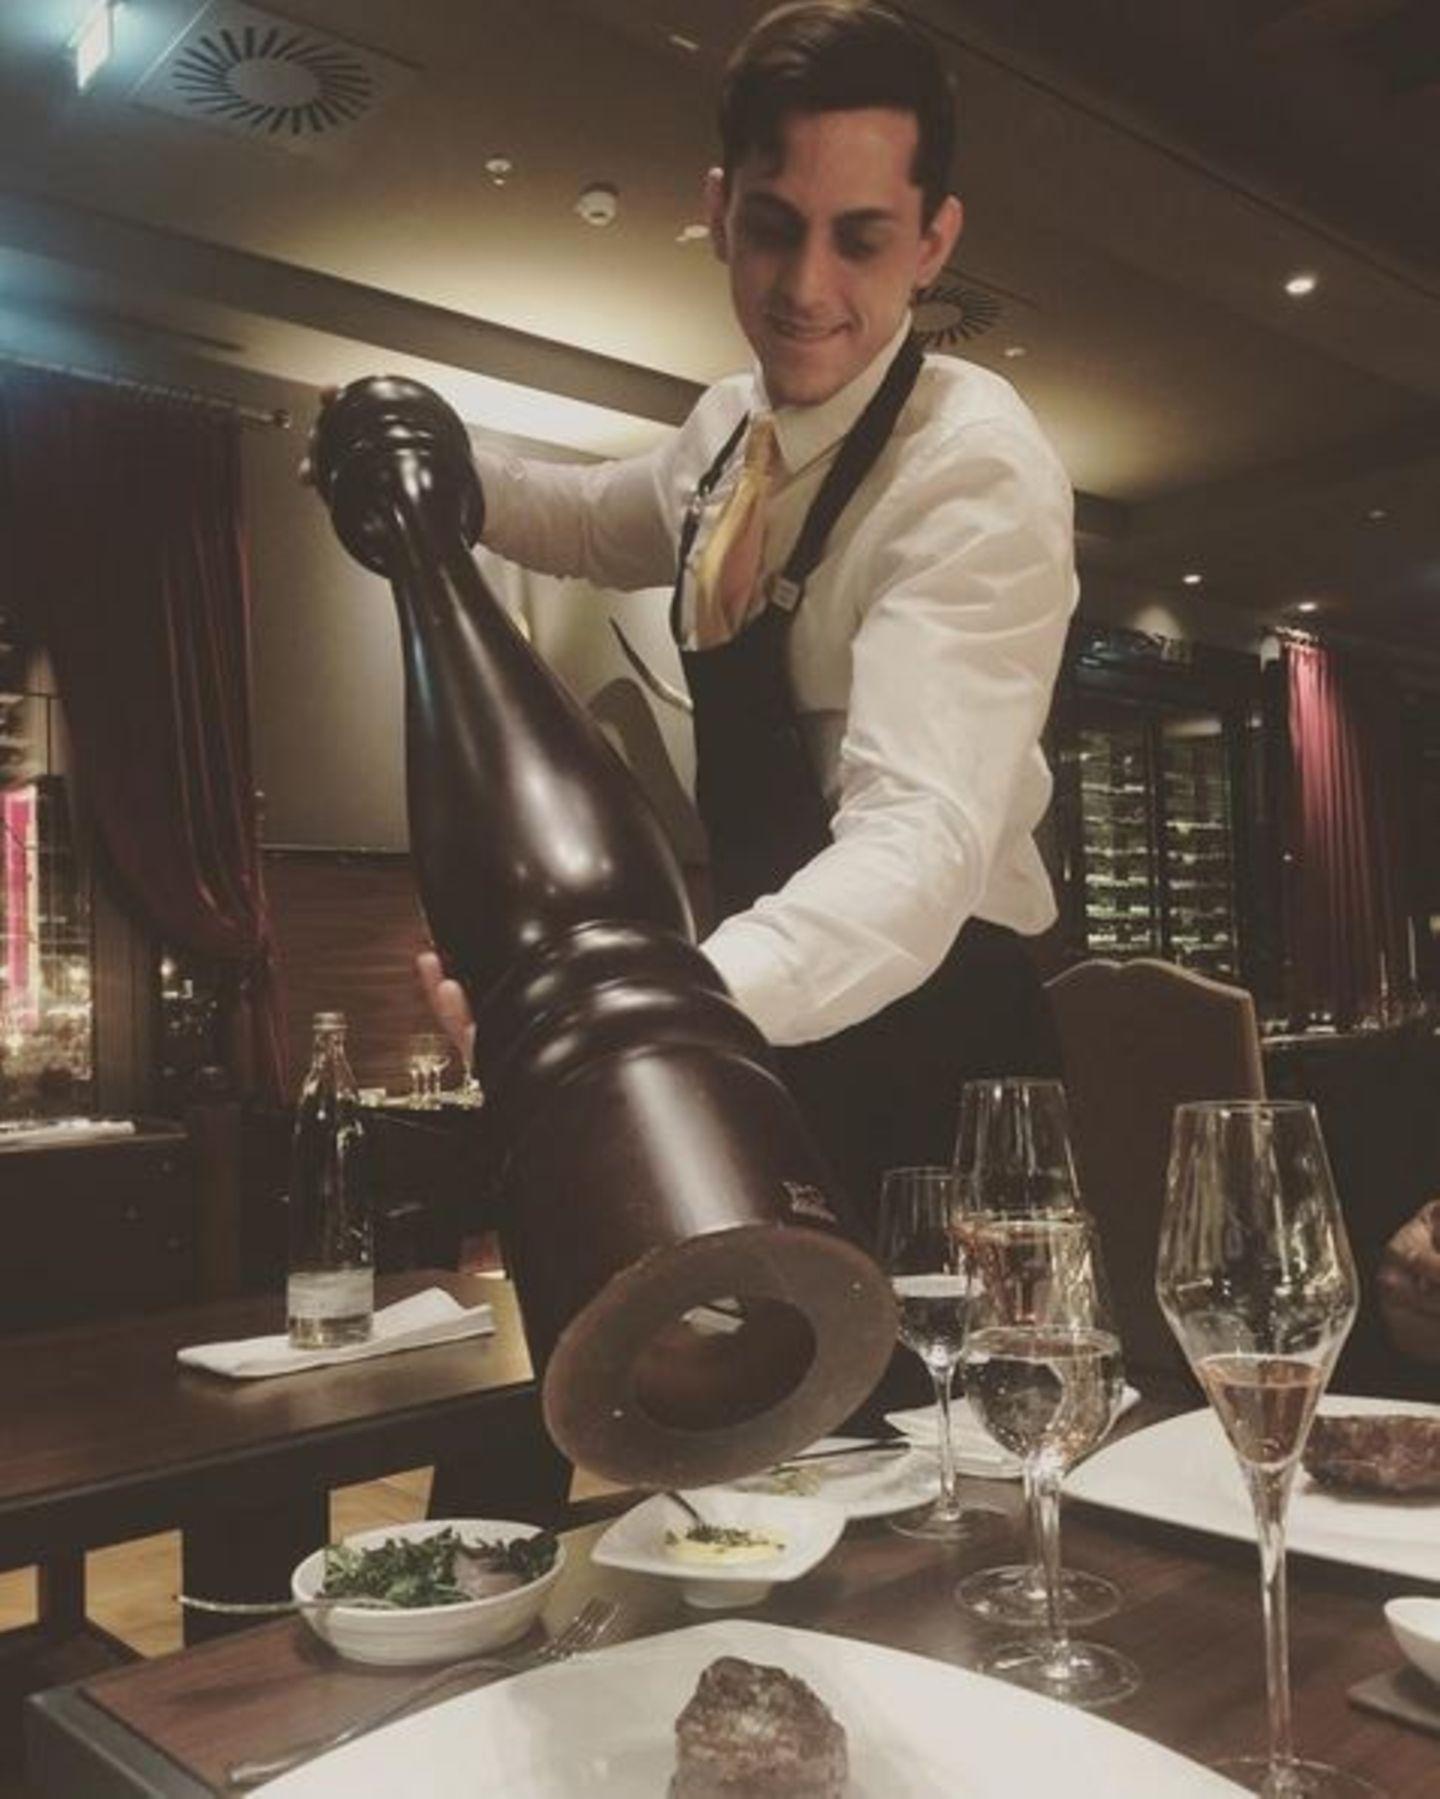 """Stärkung muss sein! Motsi Mabuse genießt nach der Maybelline-Show ein Dinner im angesagten Restaurant """"Titanic"""". Sie weiß: Während der Fashionweek muss man Pfeffer im Hintern haben, um von A nach B zu kommen."""